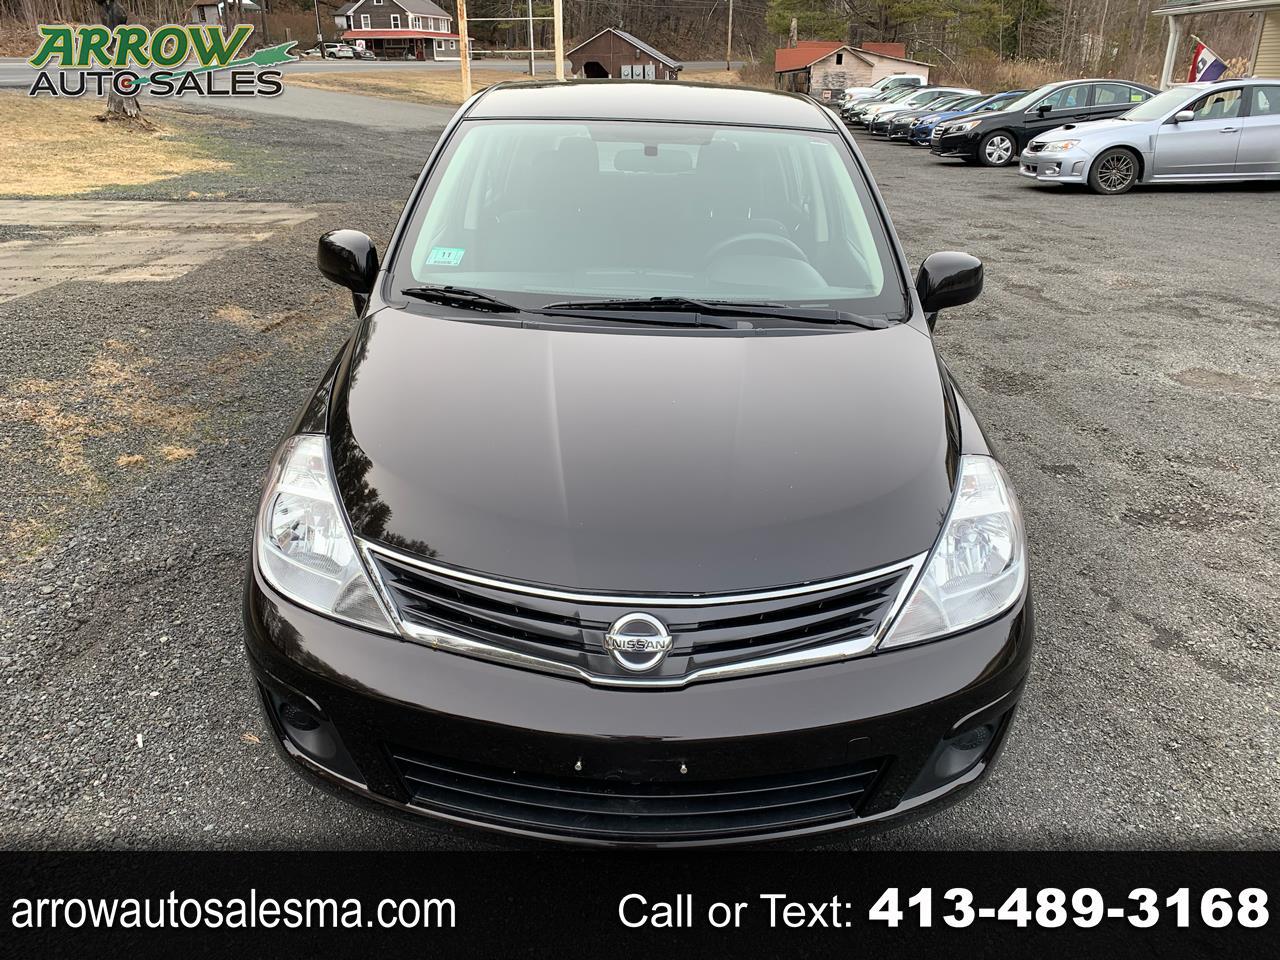 Nissan Versa 1.8 S Hatchback 2012